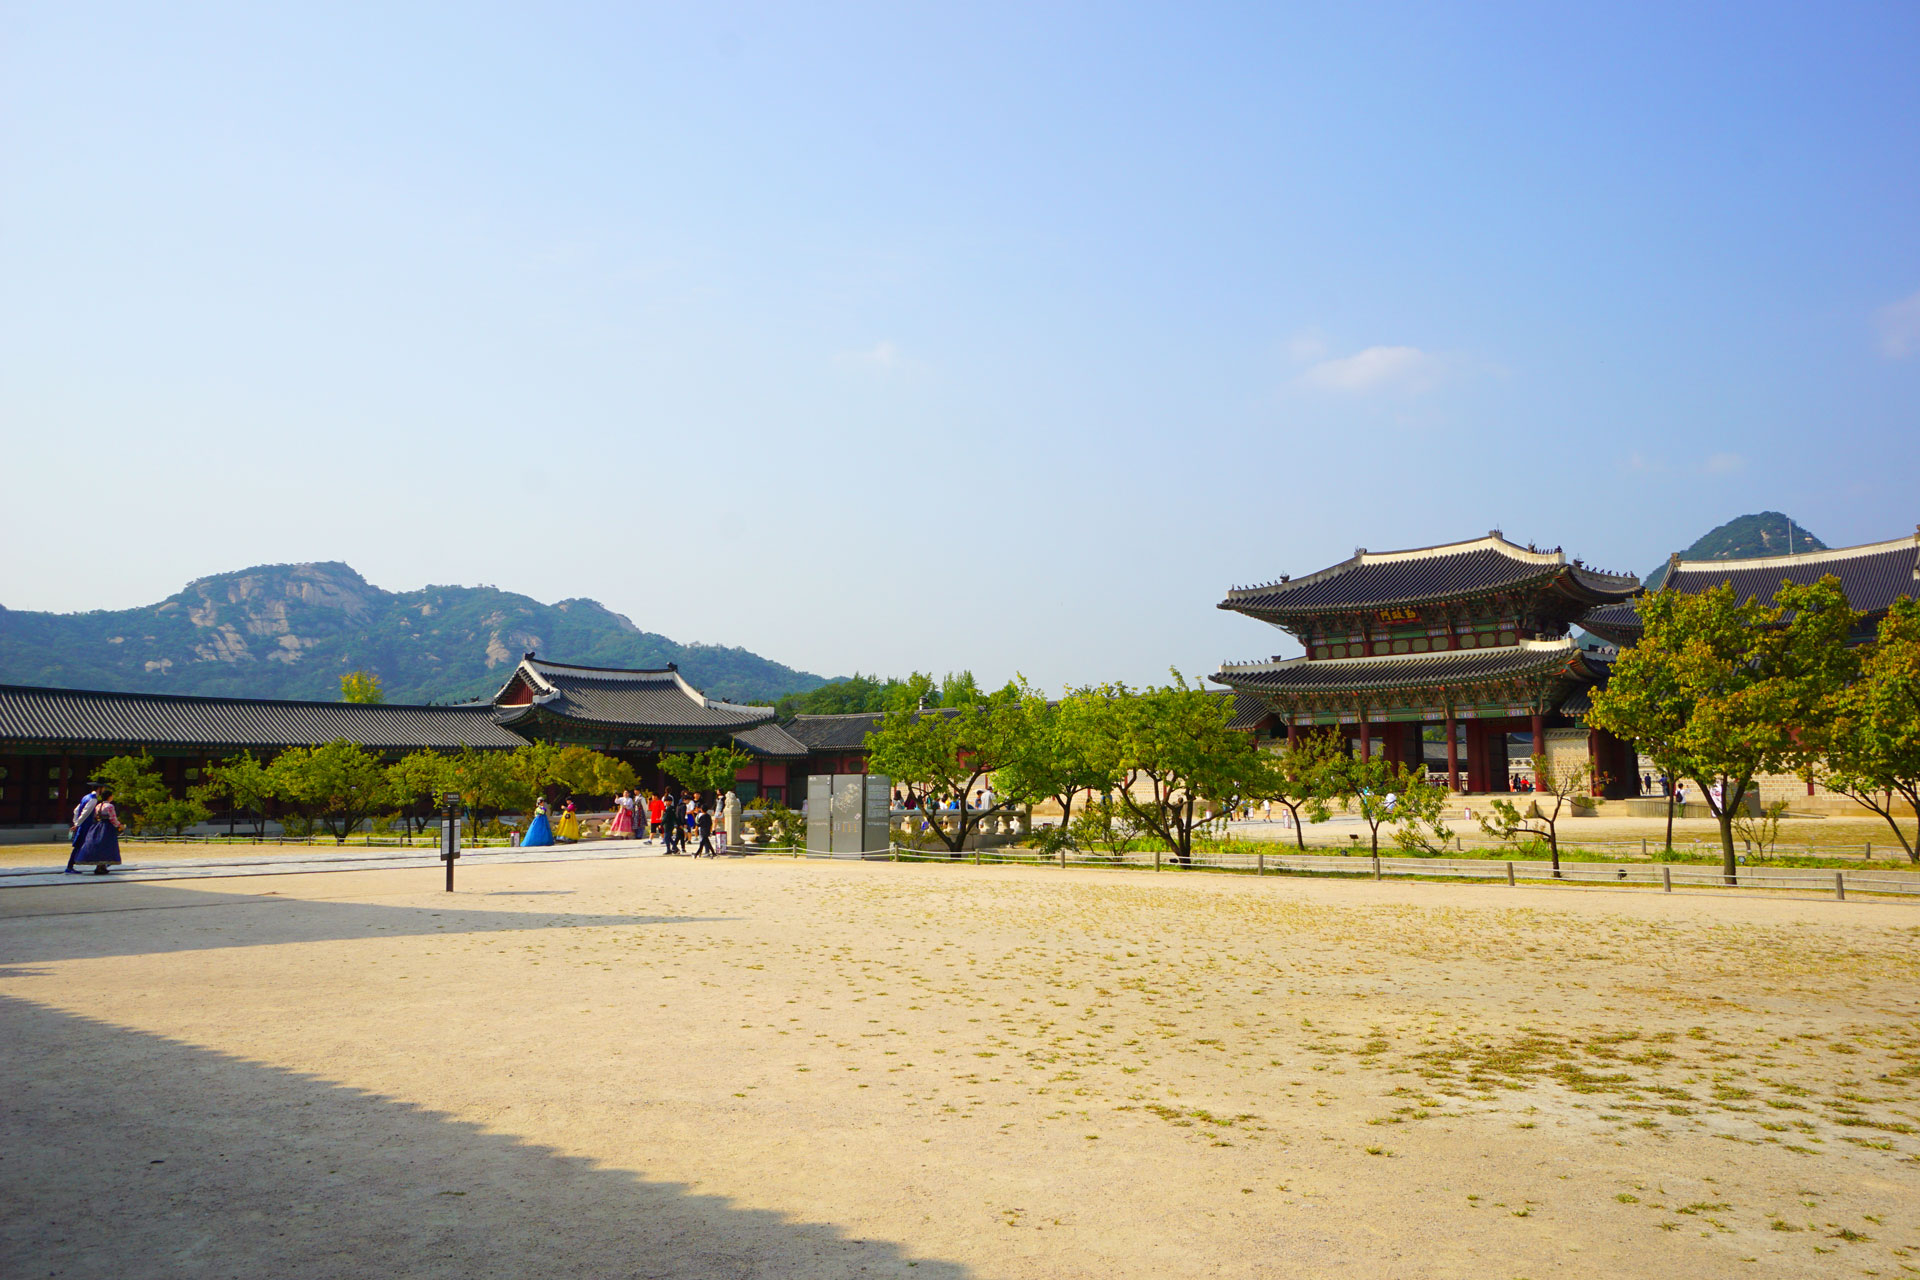 Plaza im Königspalast Gyeongbokgung mit den Bergen im Hintergrund